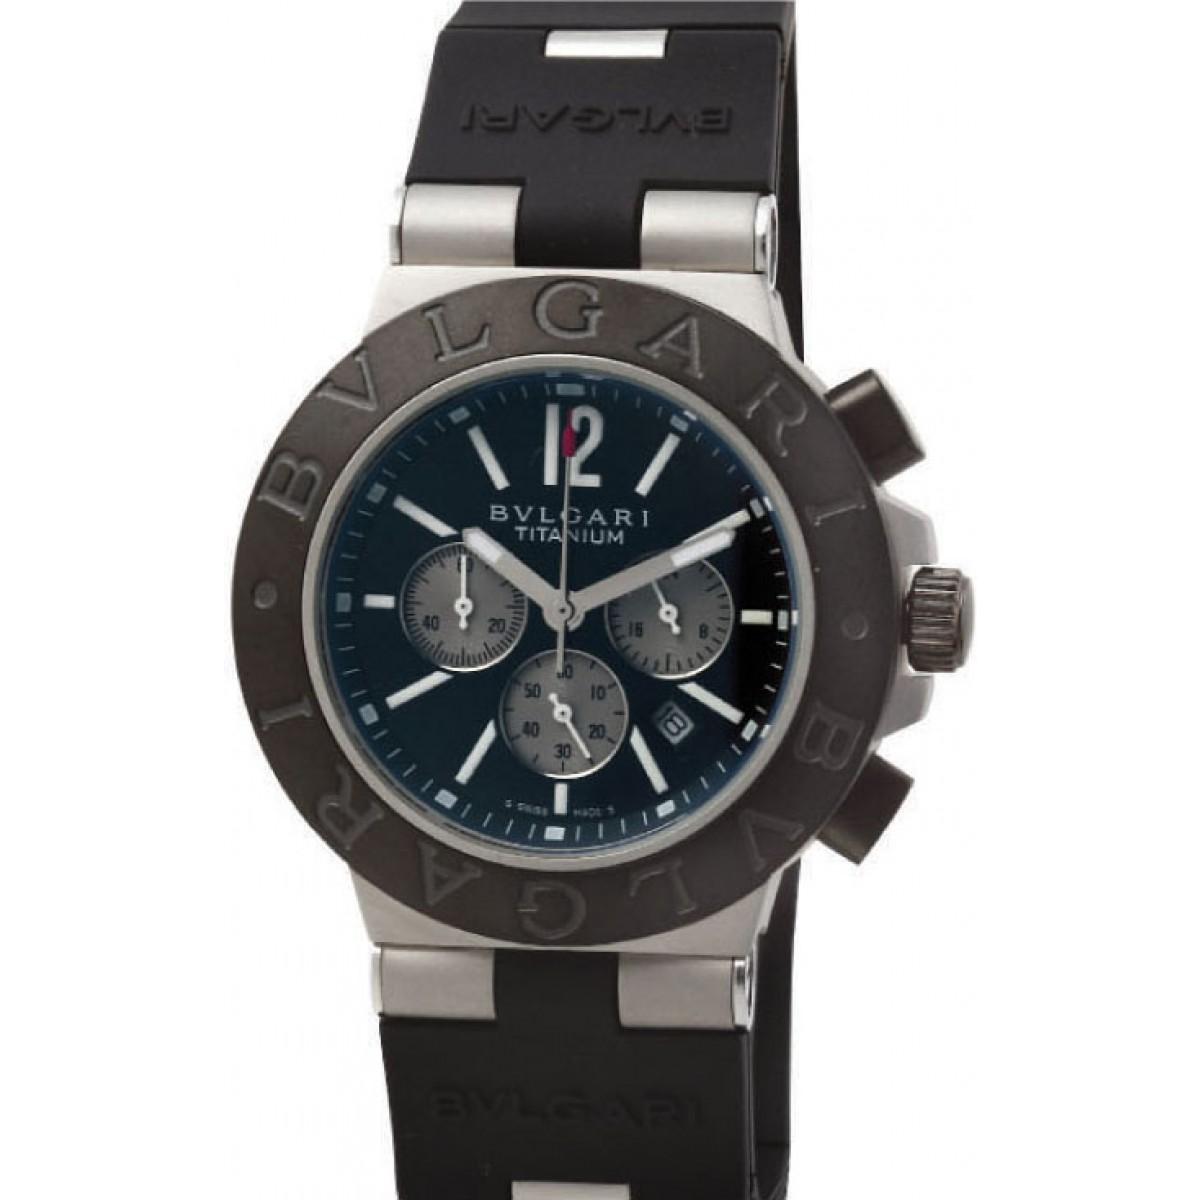 ff8f37825d7 Relógio Réplica Bulgari Titanium Black